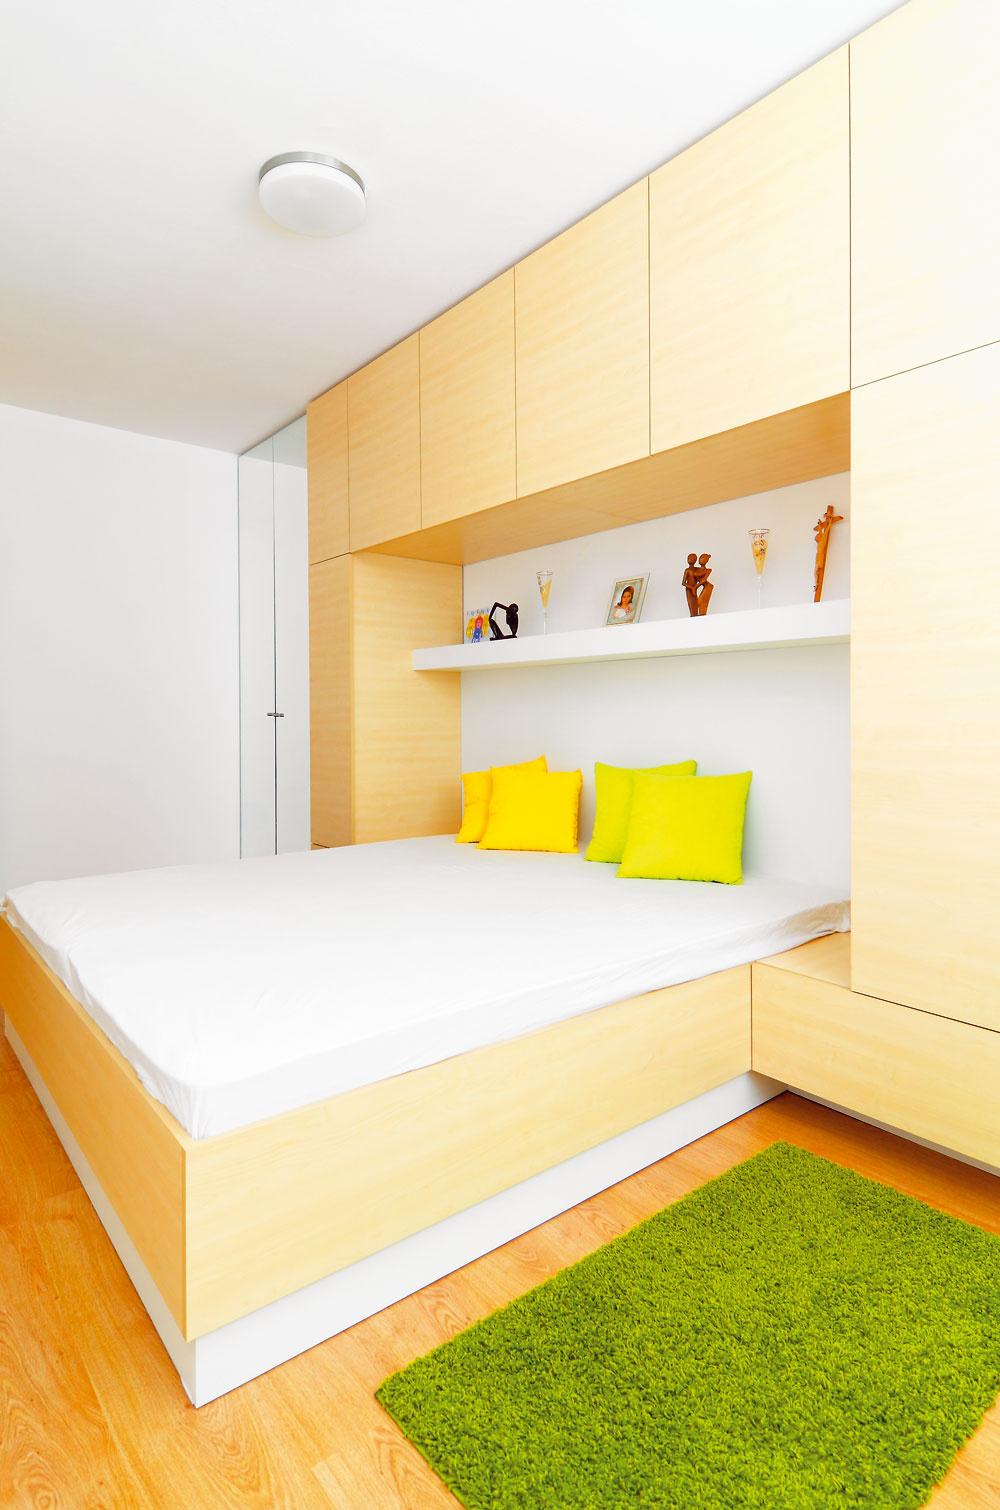 Rodičovská spálňa je pomerne úzka aštandardná šatníková skriňa sa sem nezmestila. Architekt vyriešil tento problém špeciálnym kusom nábytku – posteľou aj skriňou vjednom. Všetky úložné priestory sú navrhnuté vskrini za posteľou, tak, aby miestnosť nepôsobila zapratane.